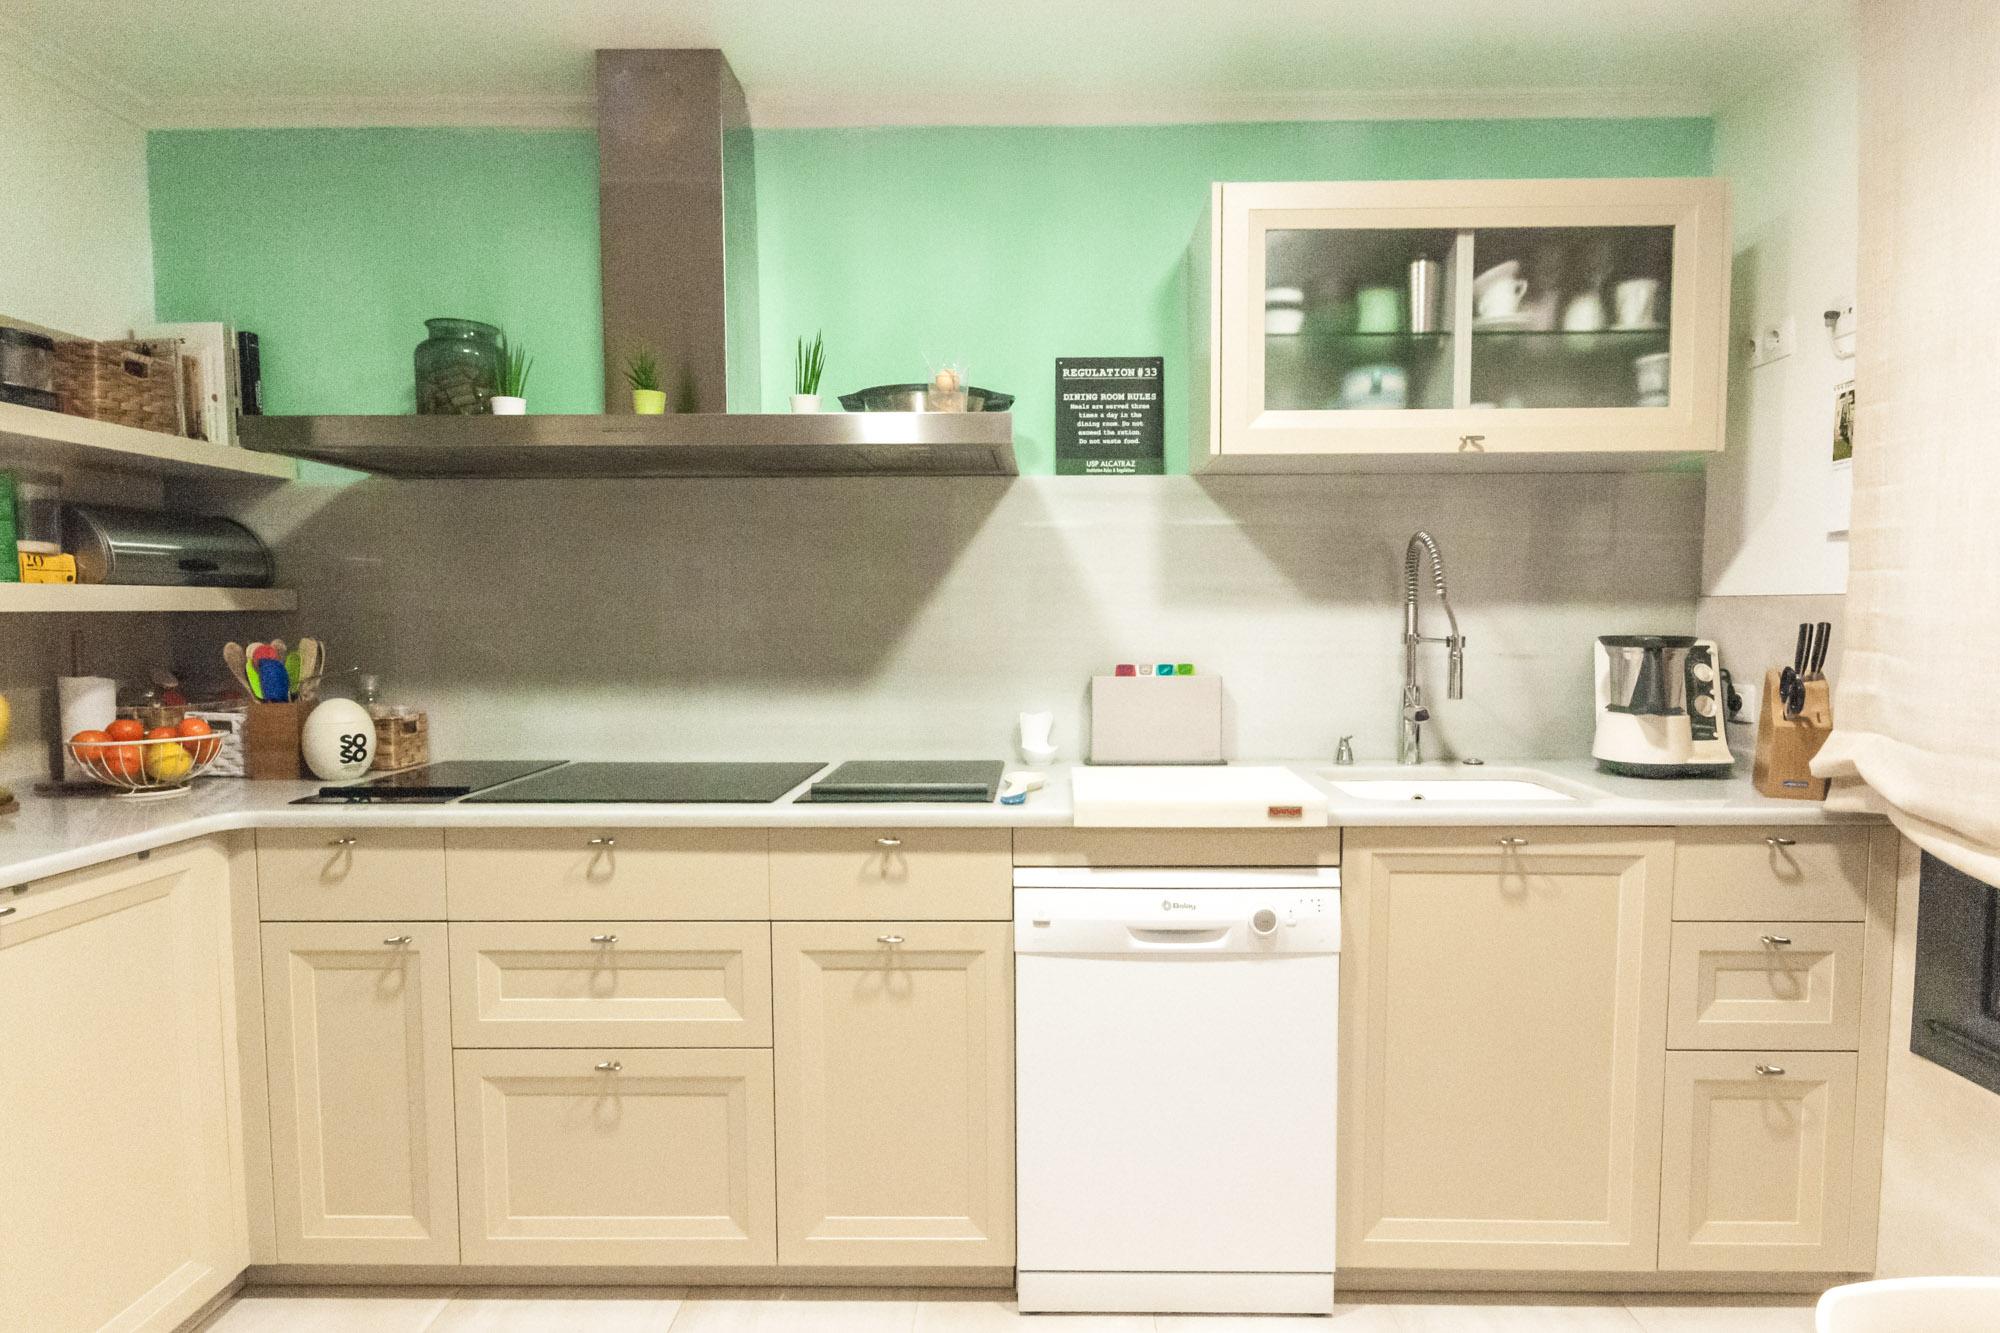 UNA-COCINA-COMODA-Y-ORDENADA, cocina, la casa de mar orden y deco, interiores, decoracion, mobalco